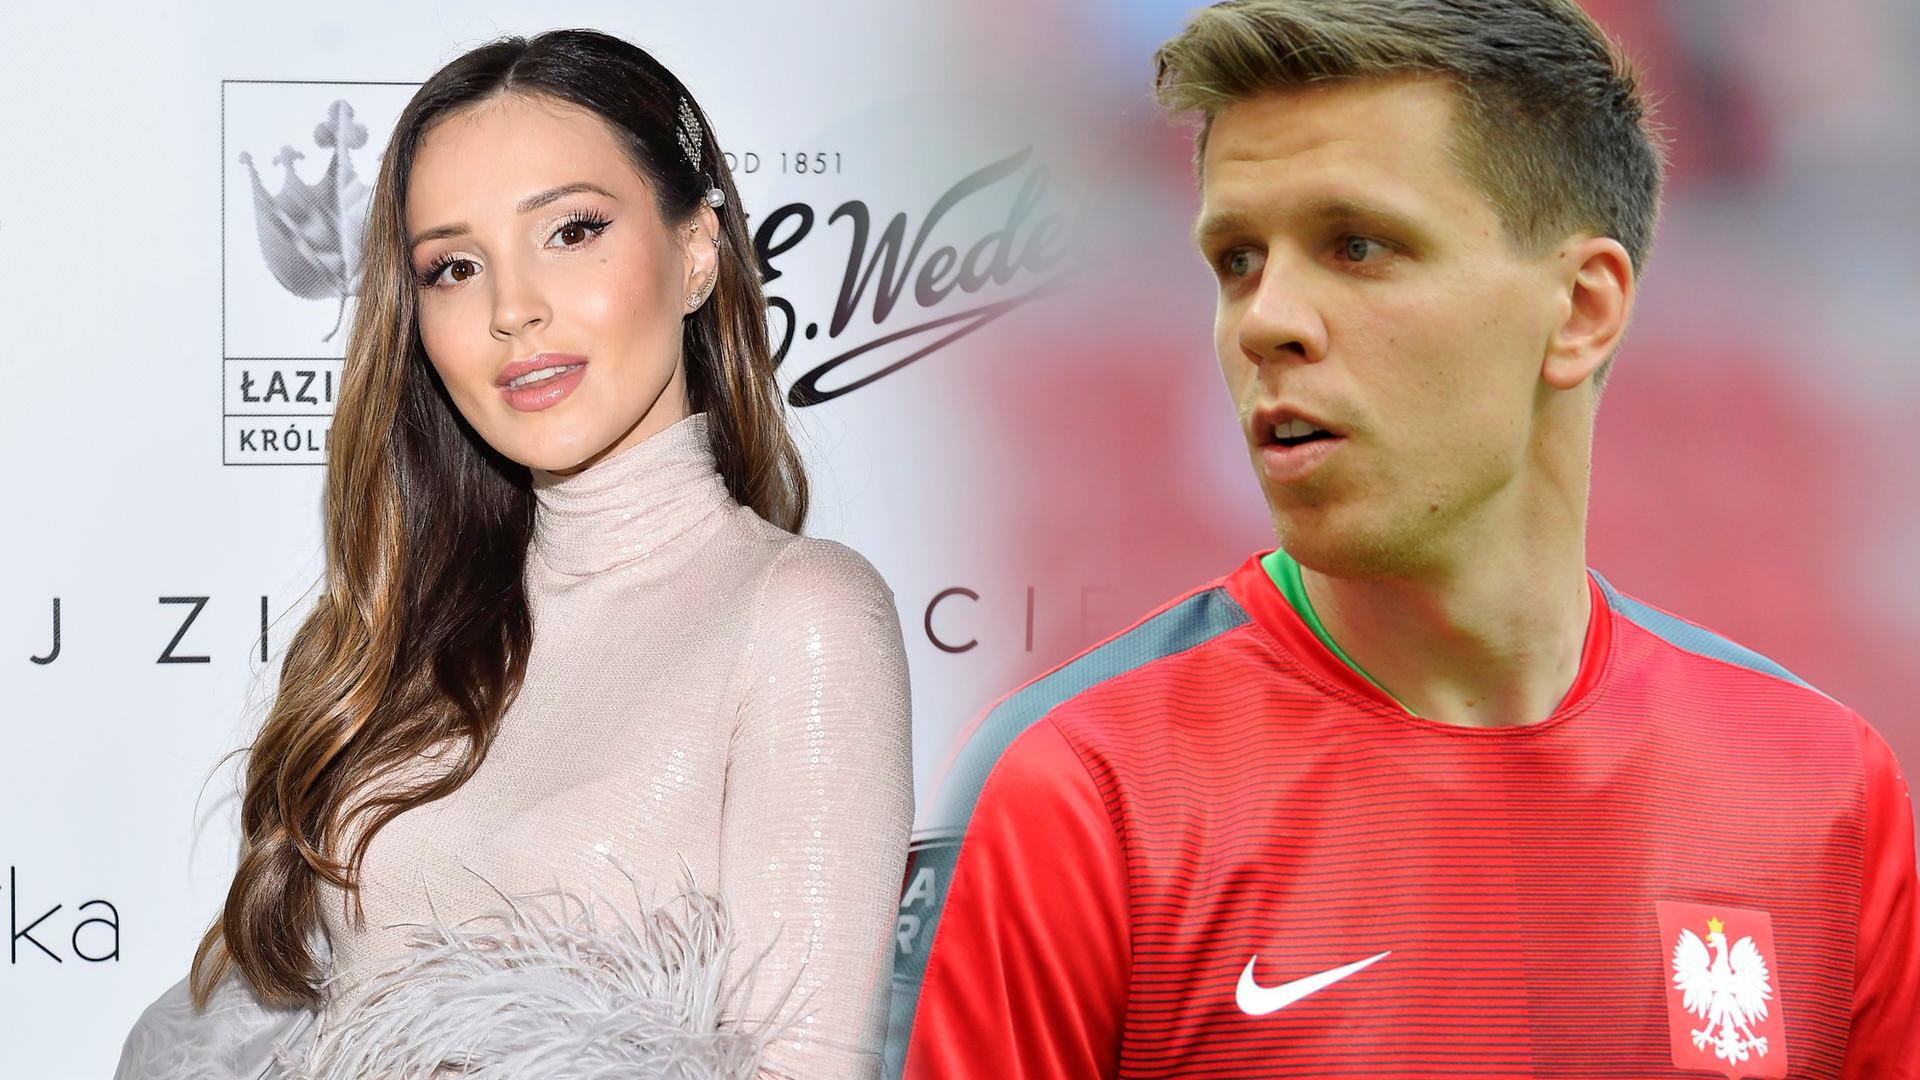 WOW! Wojciech Szczęsny zostawił TAKI komentarz pod zdjęciem Mariny – jest bardzo zakochany w swojej żonie